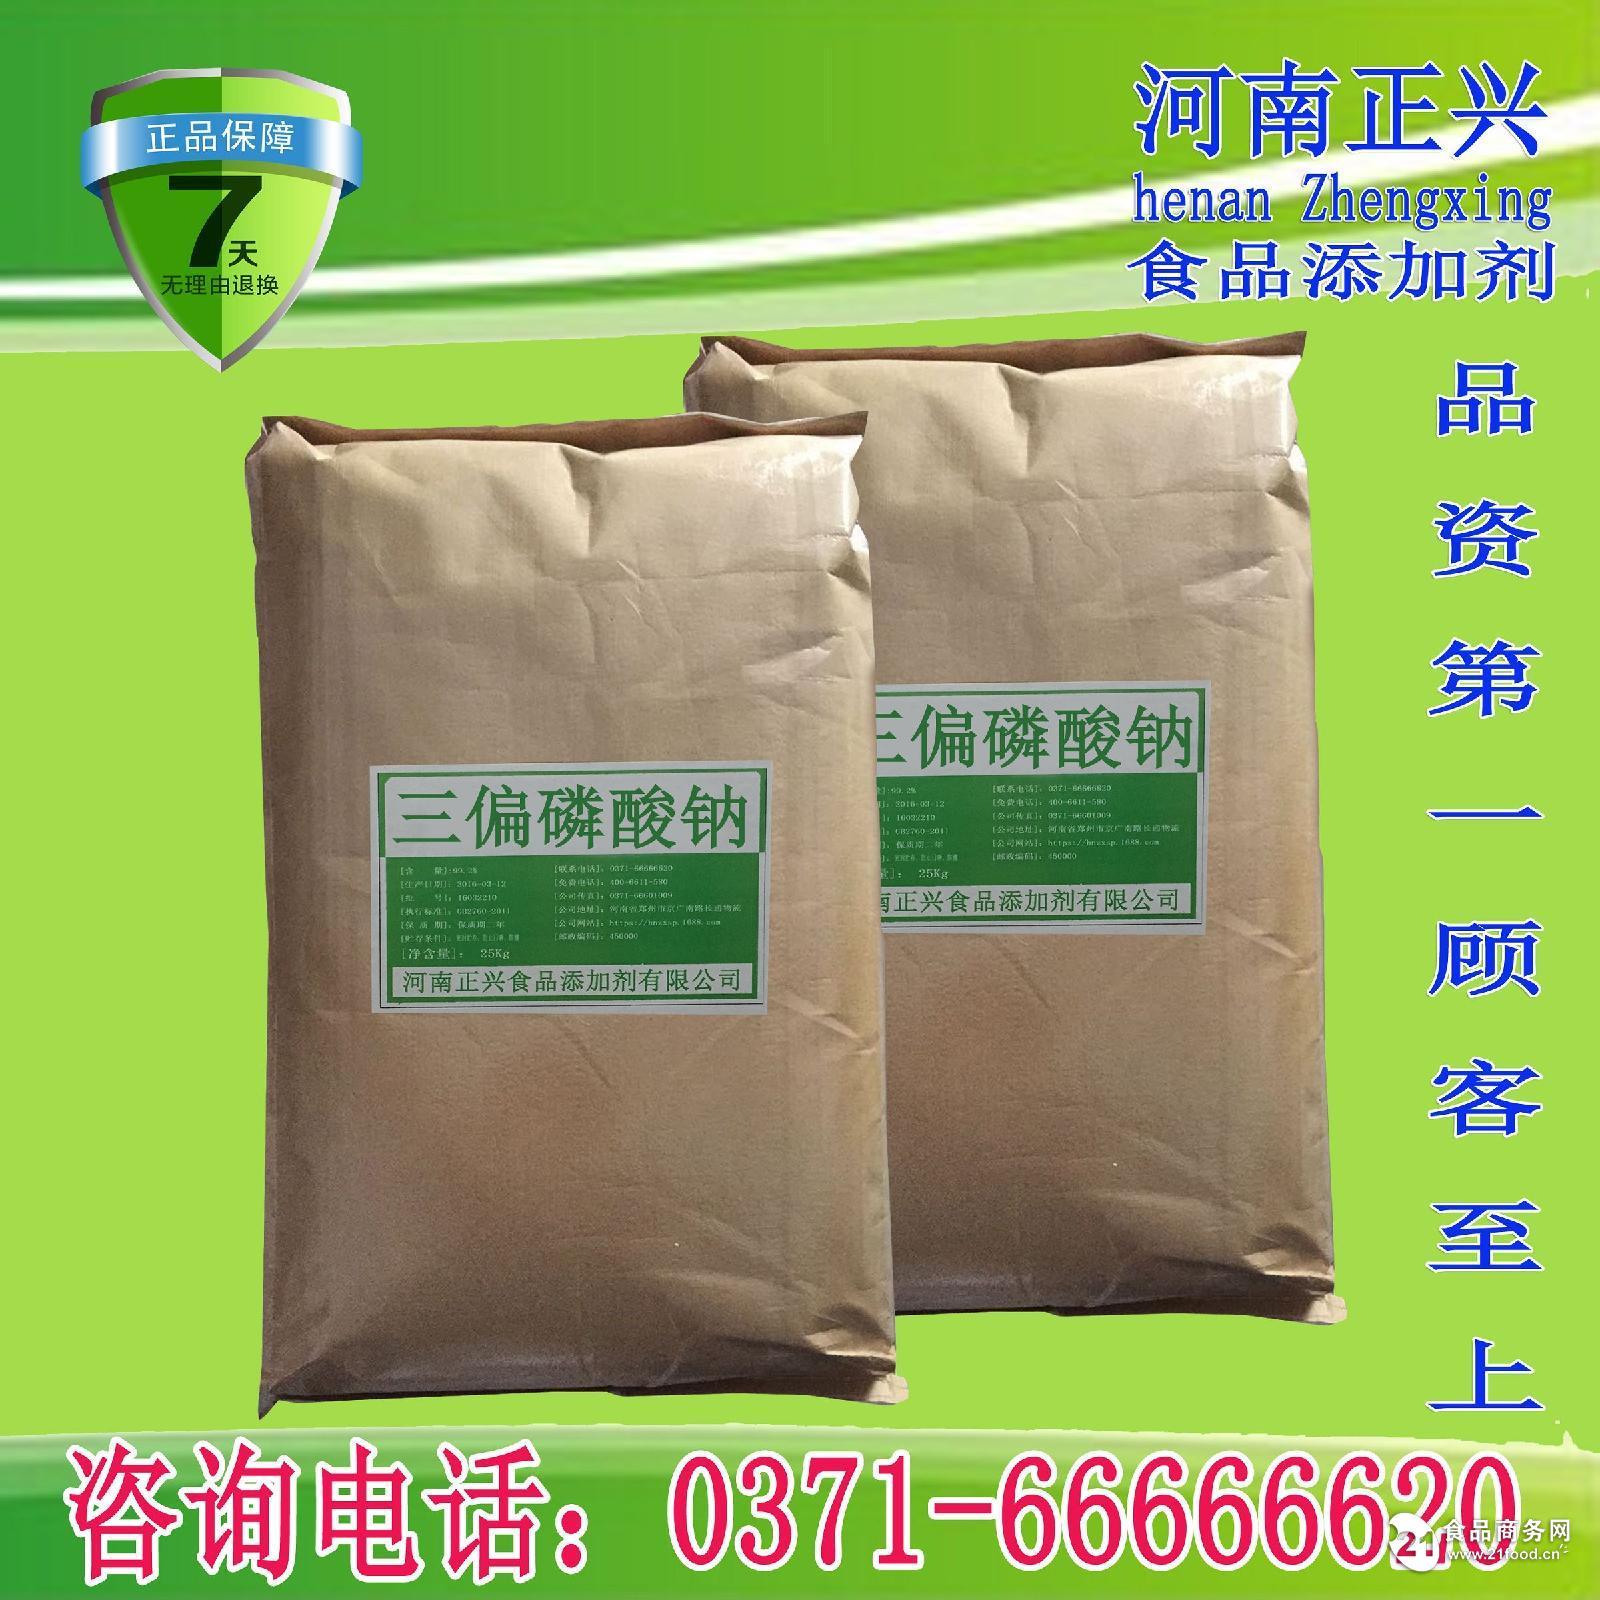 食品级 三偏磷酸钠 99% 质量保证